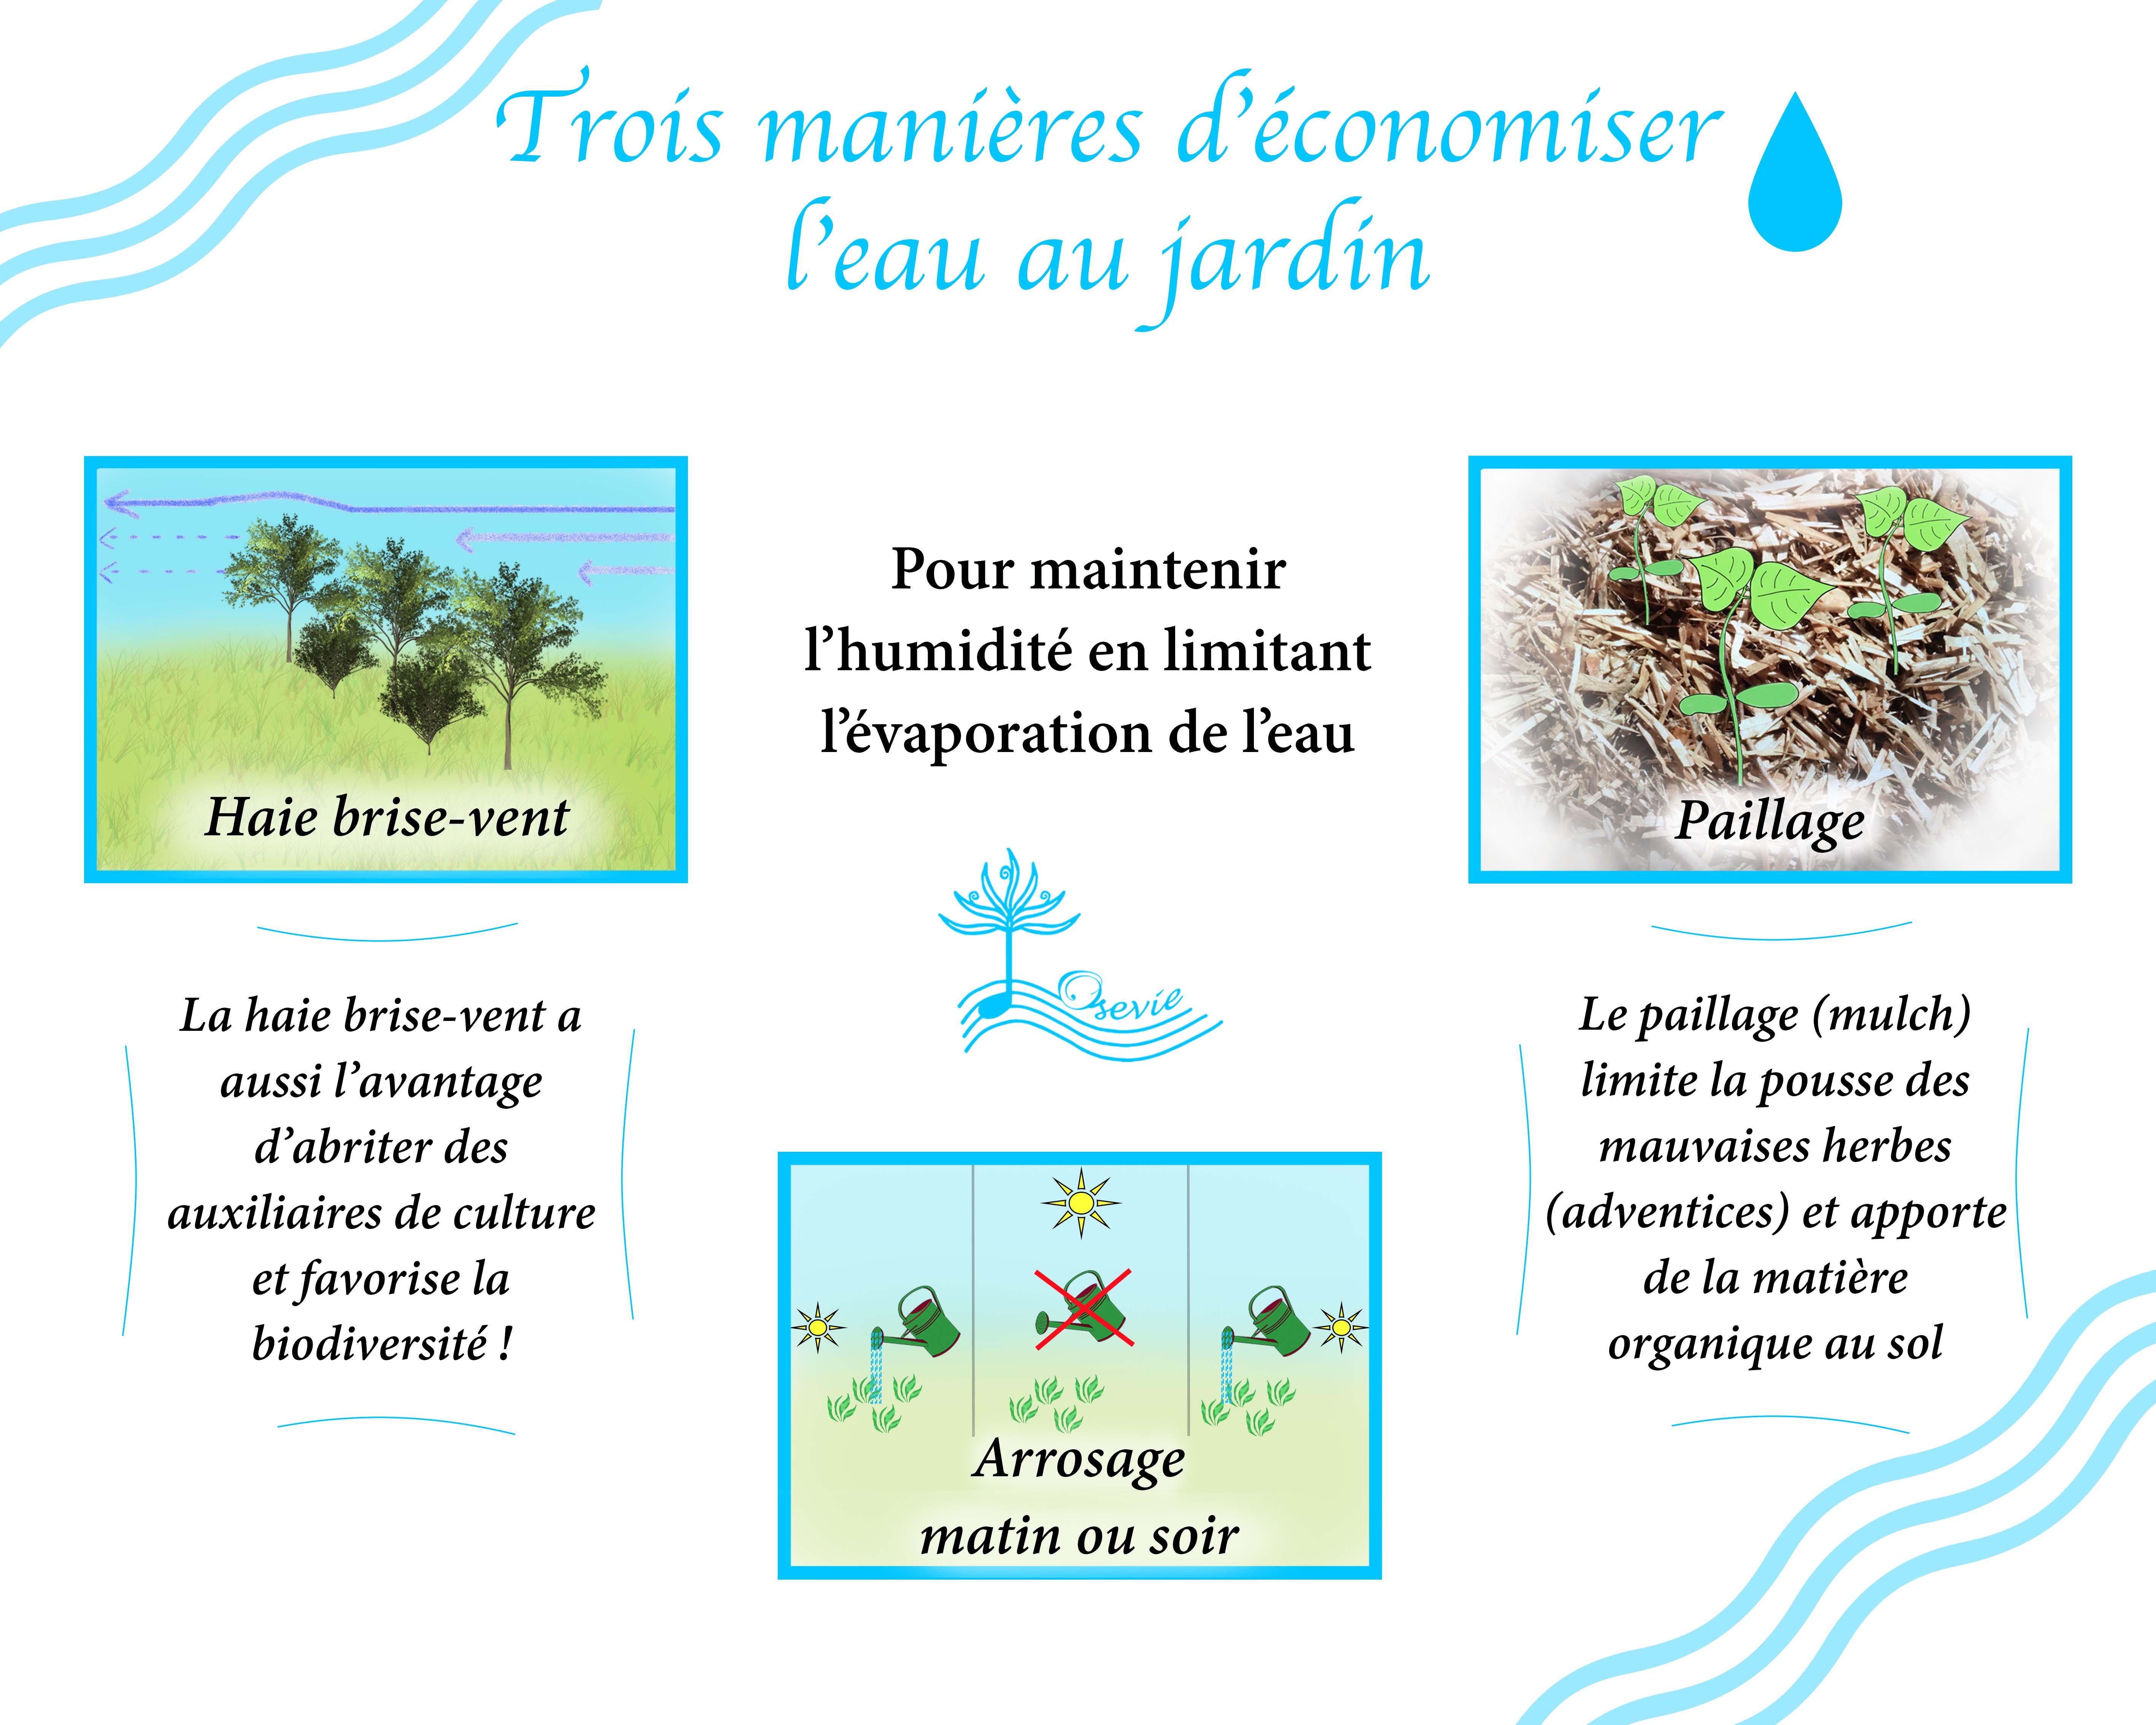 Trois manières d'économiser l'eau au jardin_Osevie.jpg